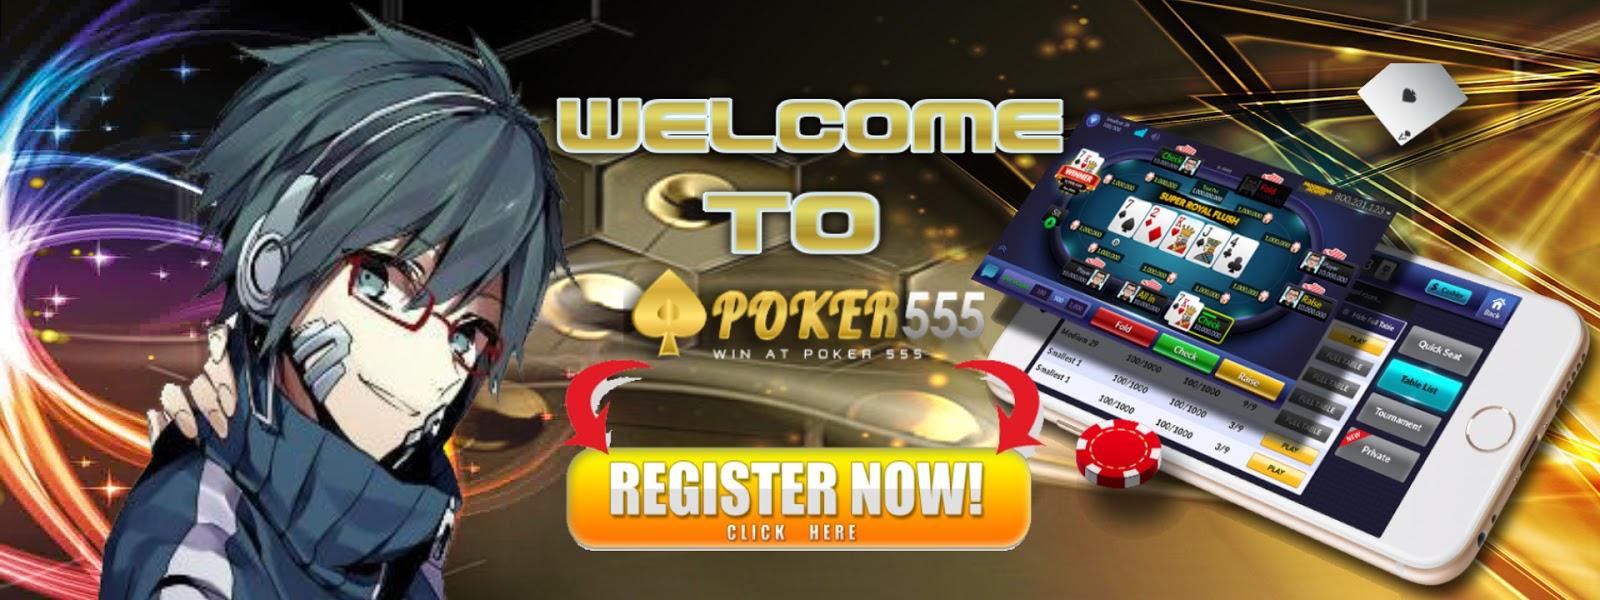 [Image: poker555.jpg]